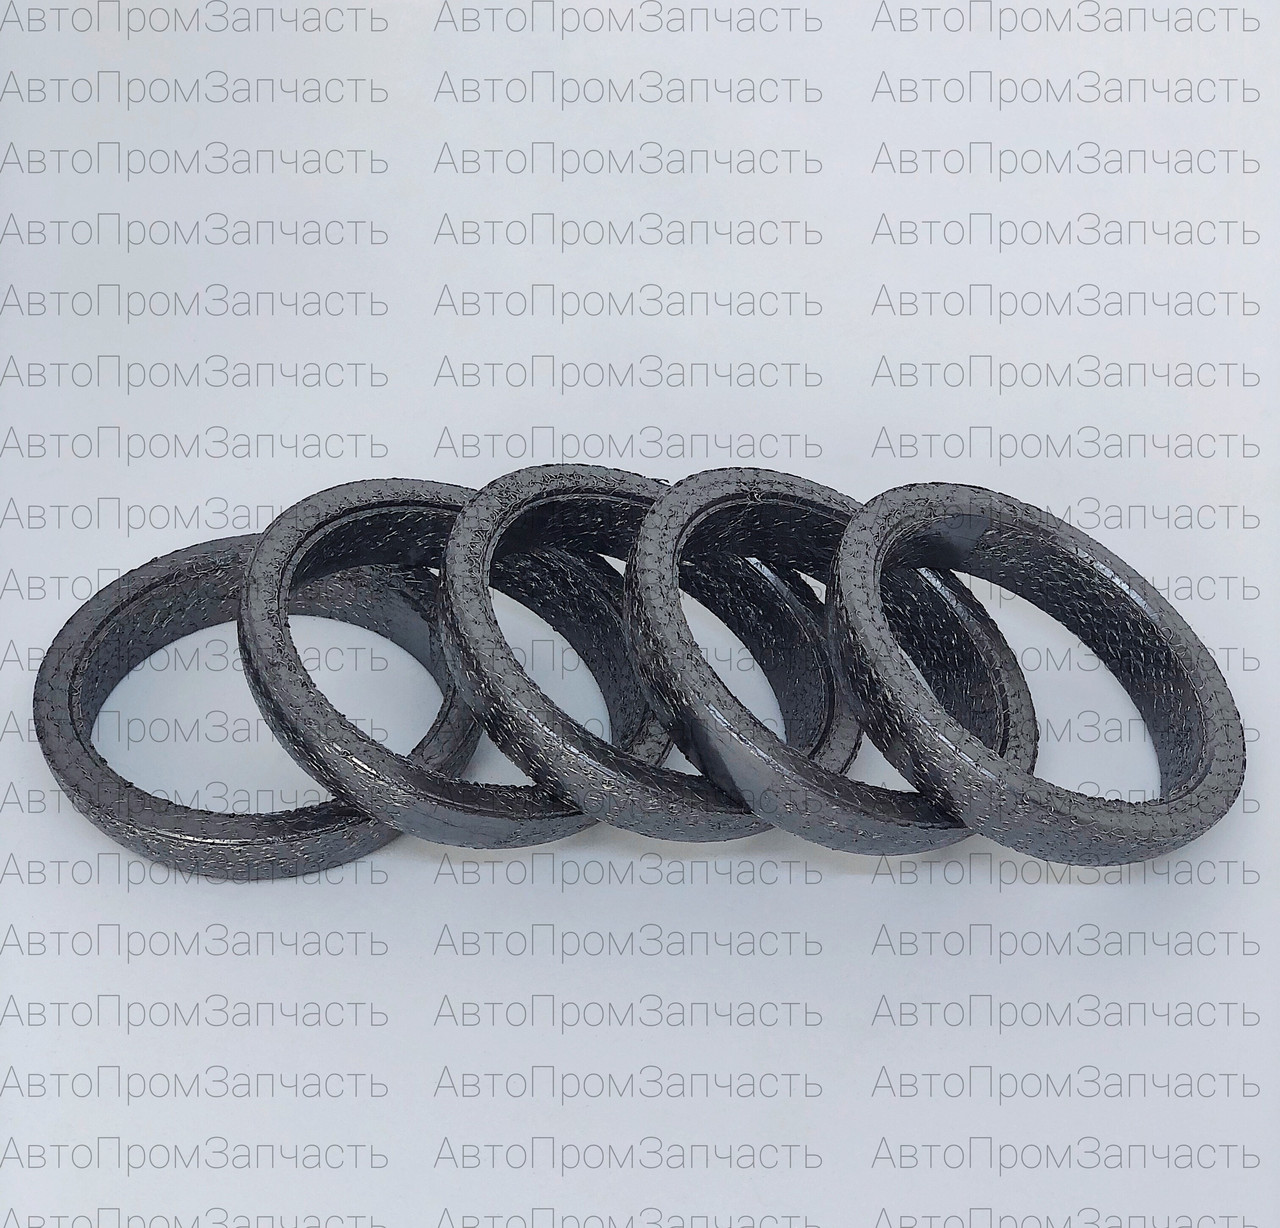 Кольцо катализатора ВАЗ 2109, 2110, 2111, 2112 металографитовое